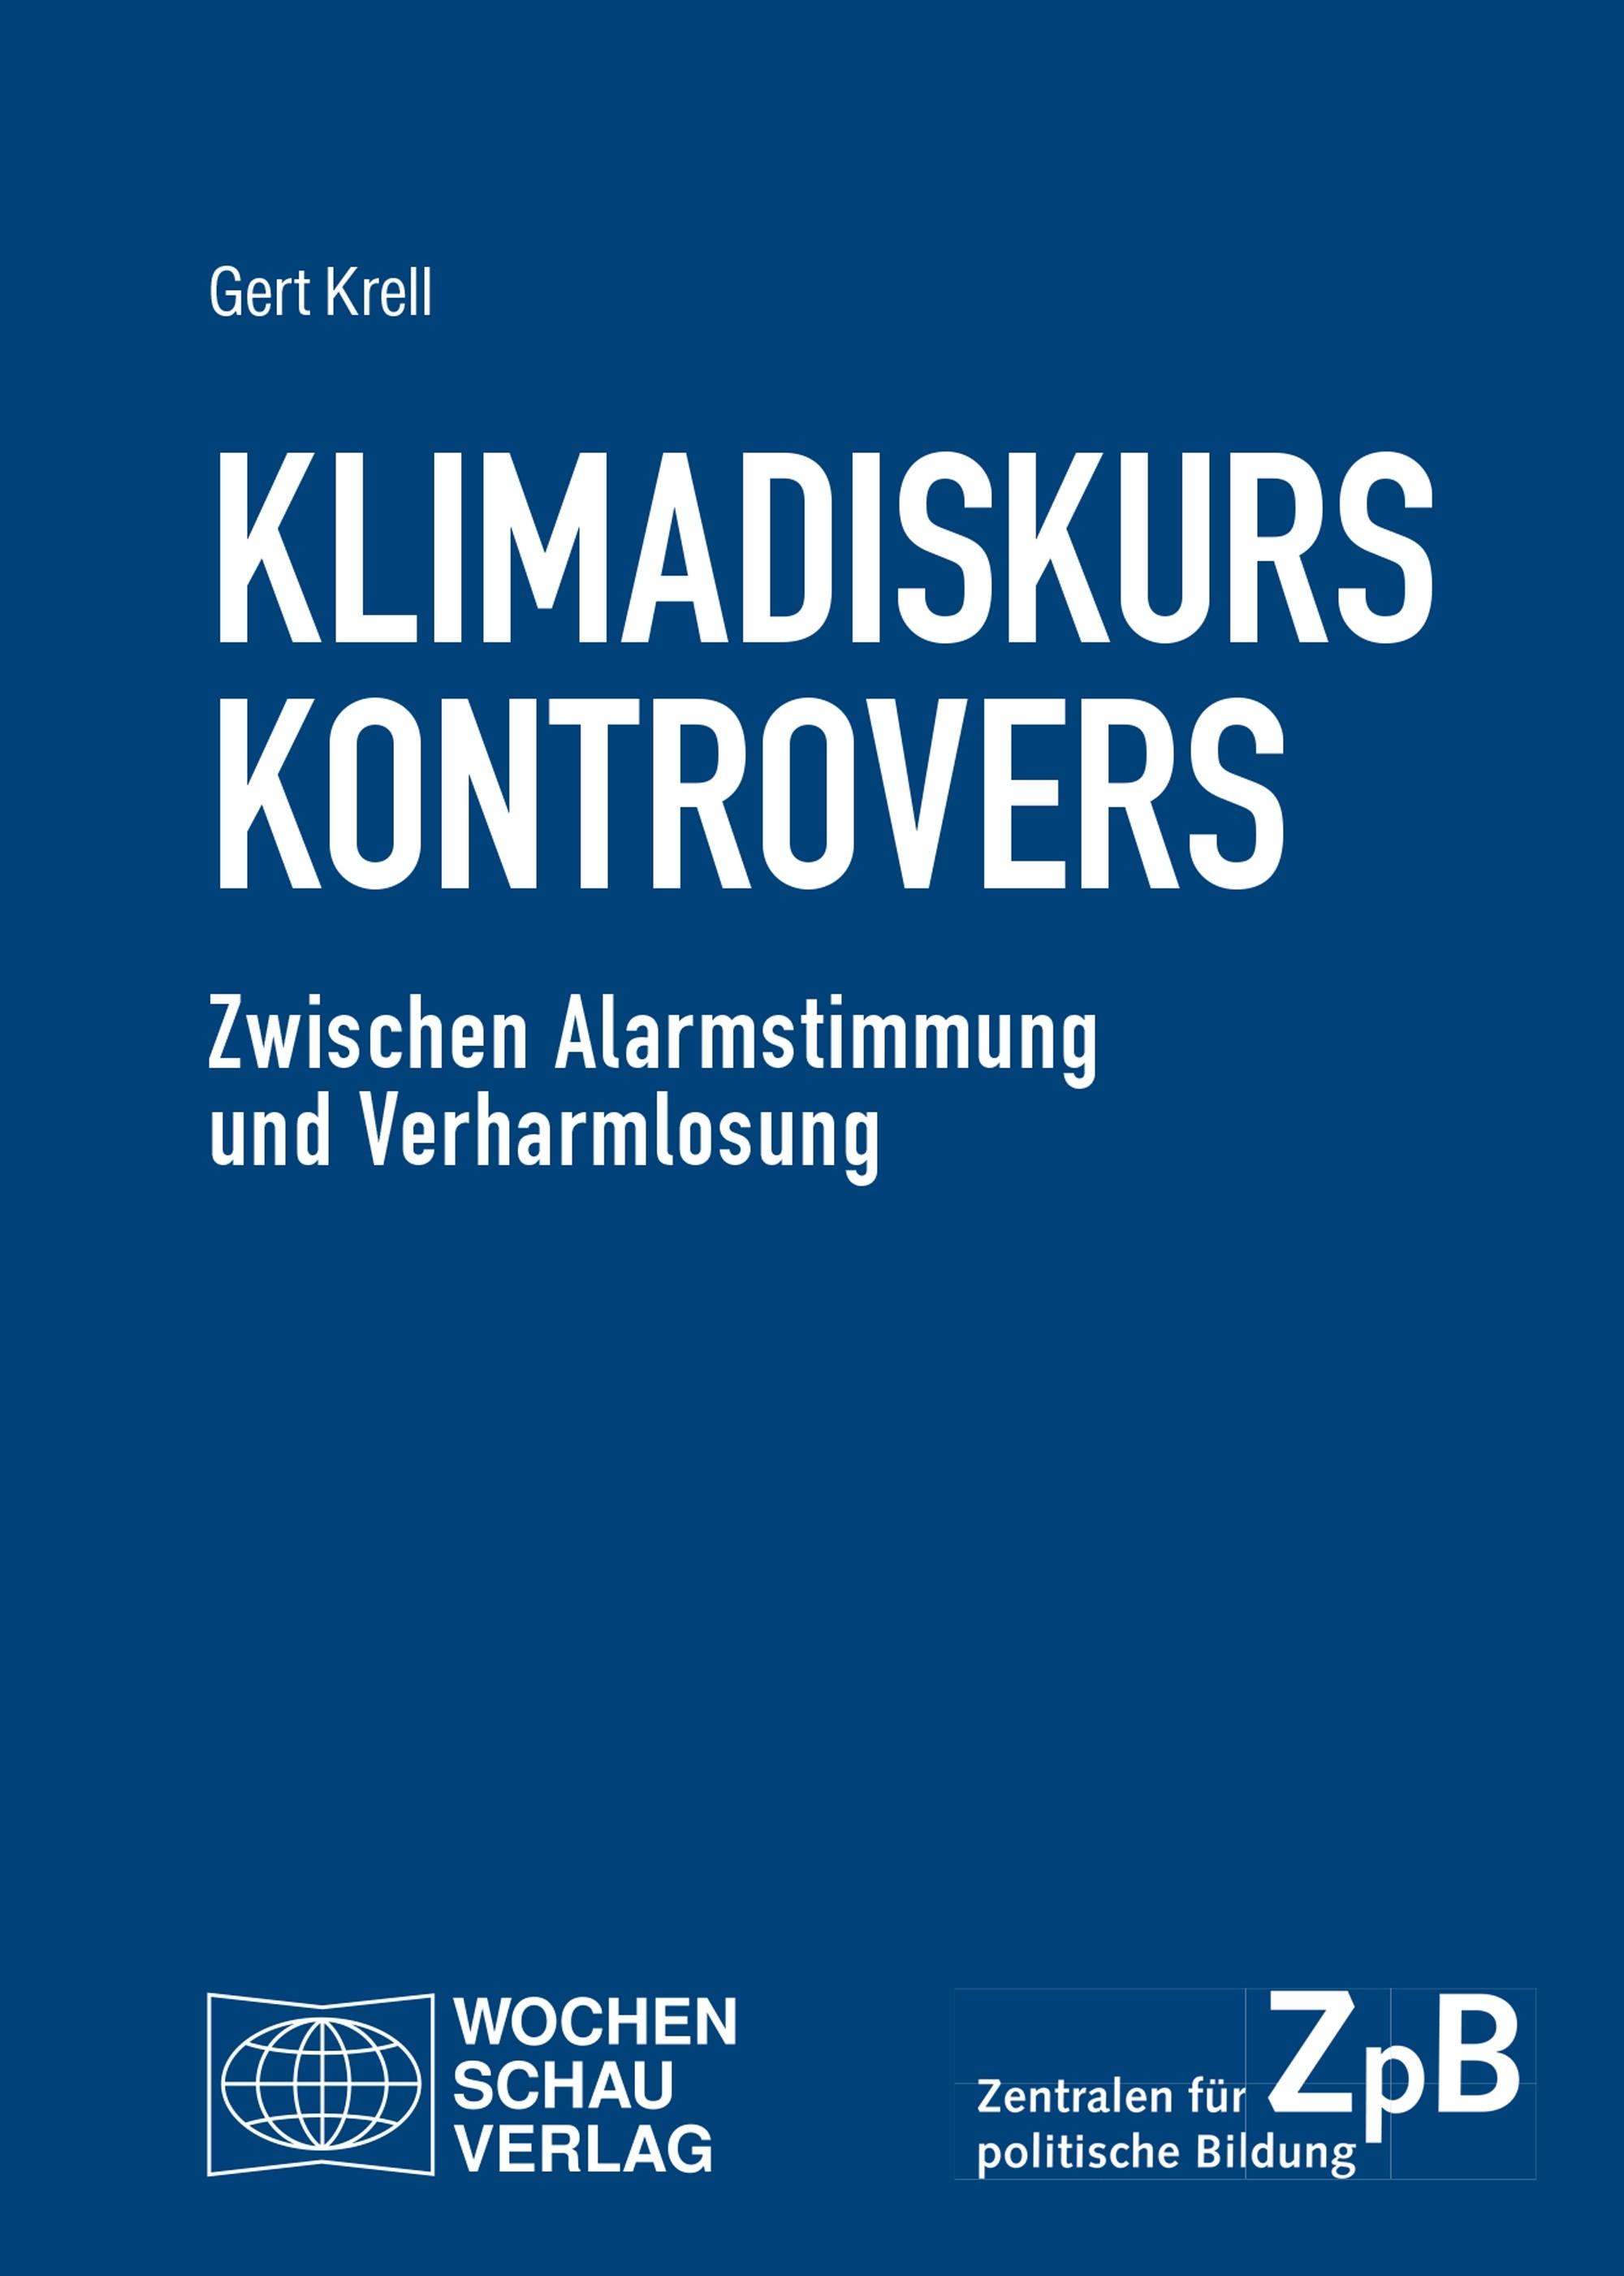 Titelseite groß 720* Klimadiskurs kontrovers. Zwischen Alarmstimmung und Verharmlosung